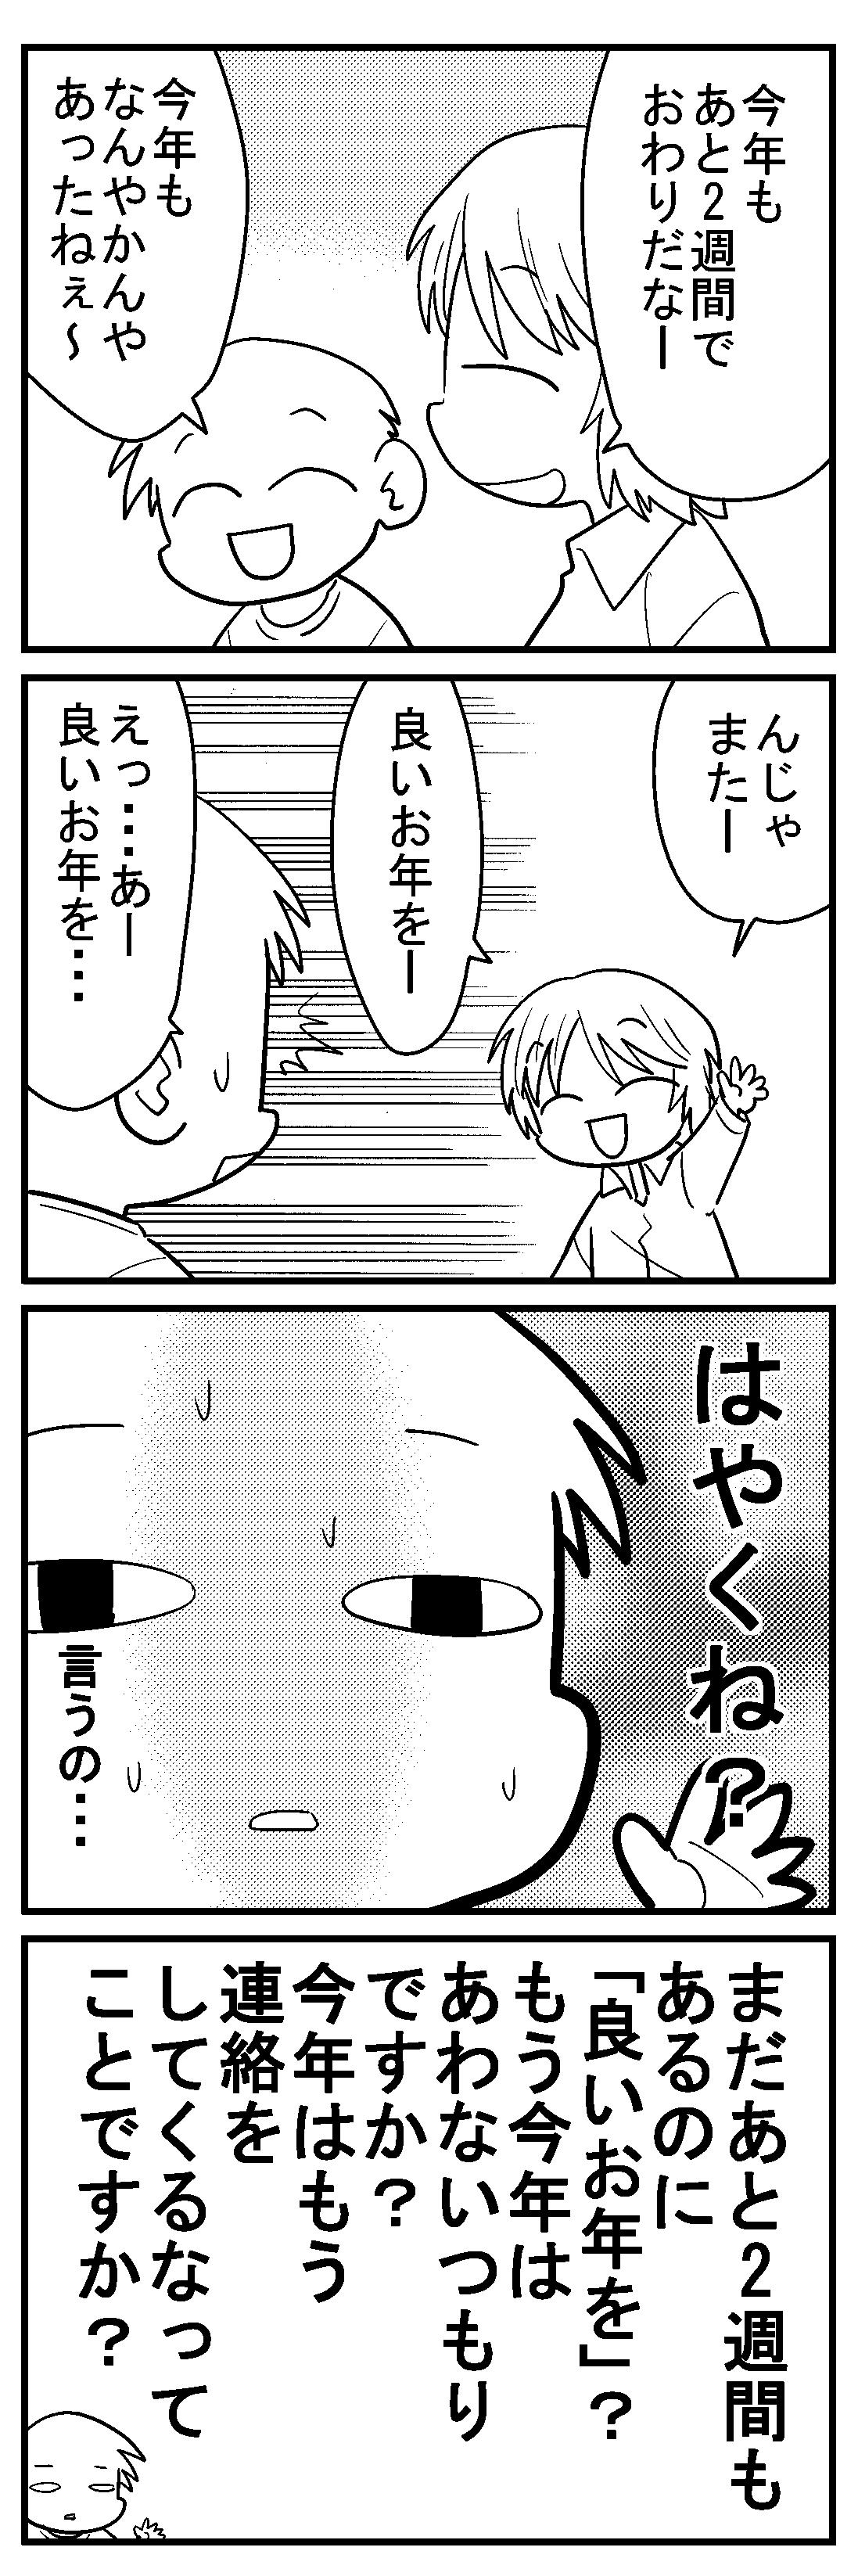 深読みくん32 2